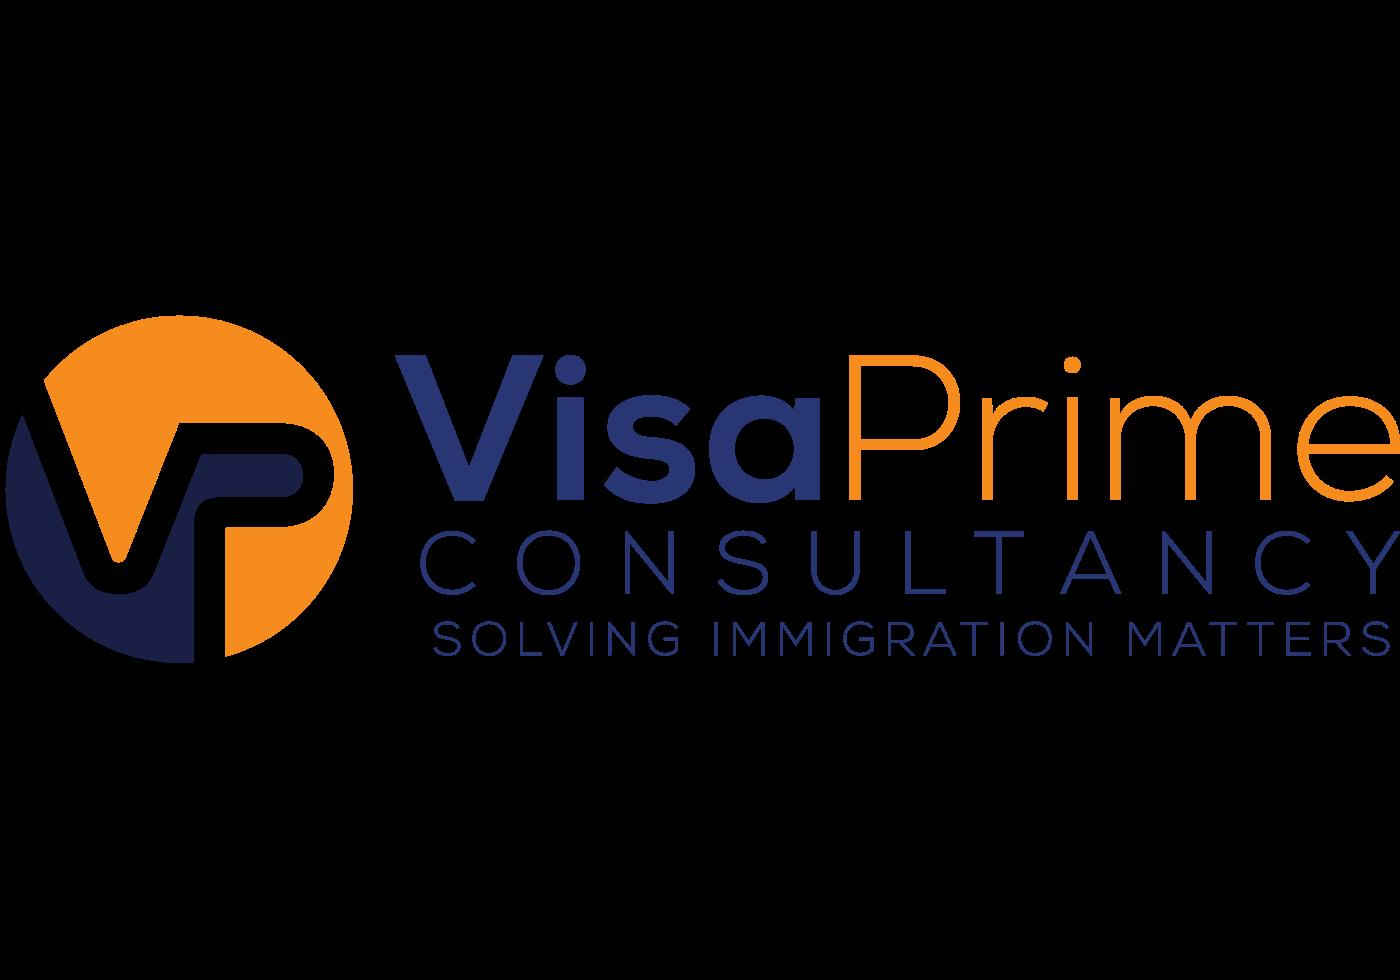 VisaPrime Consultancy